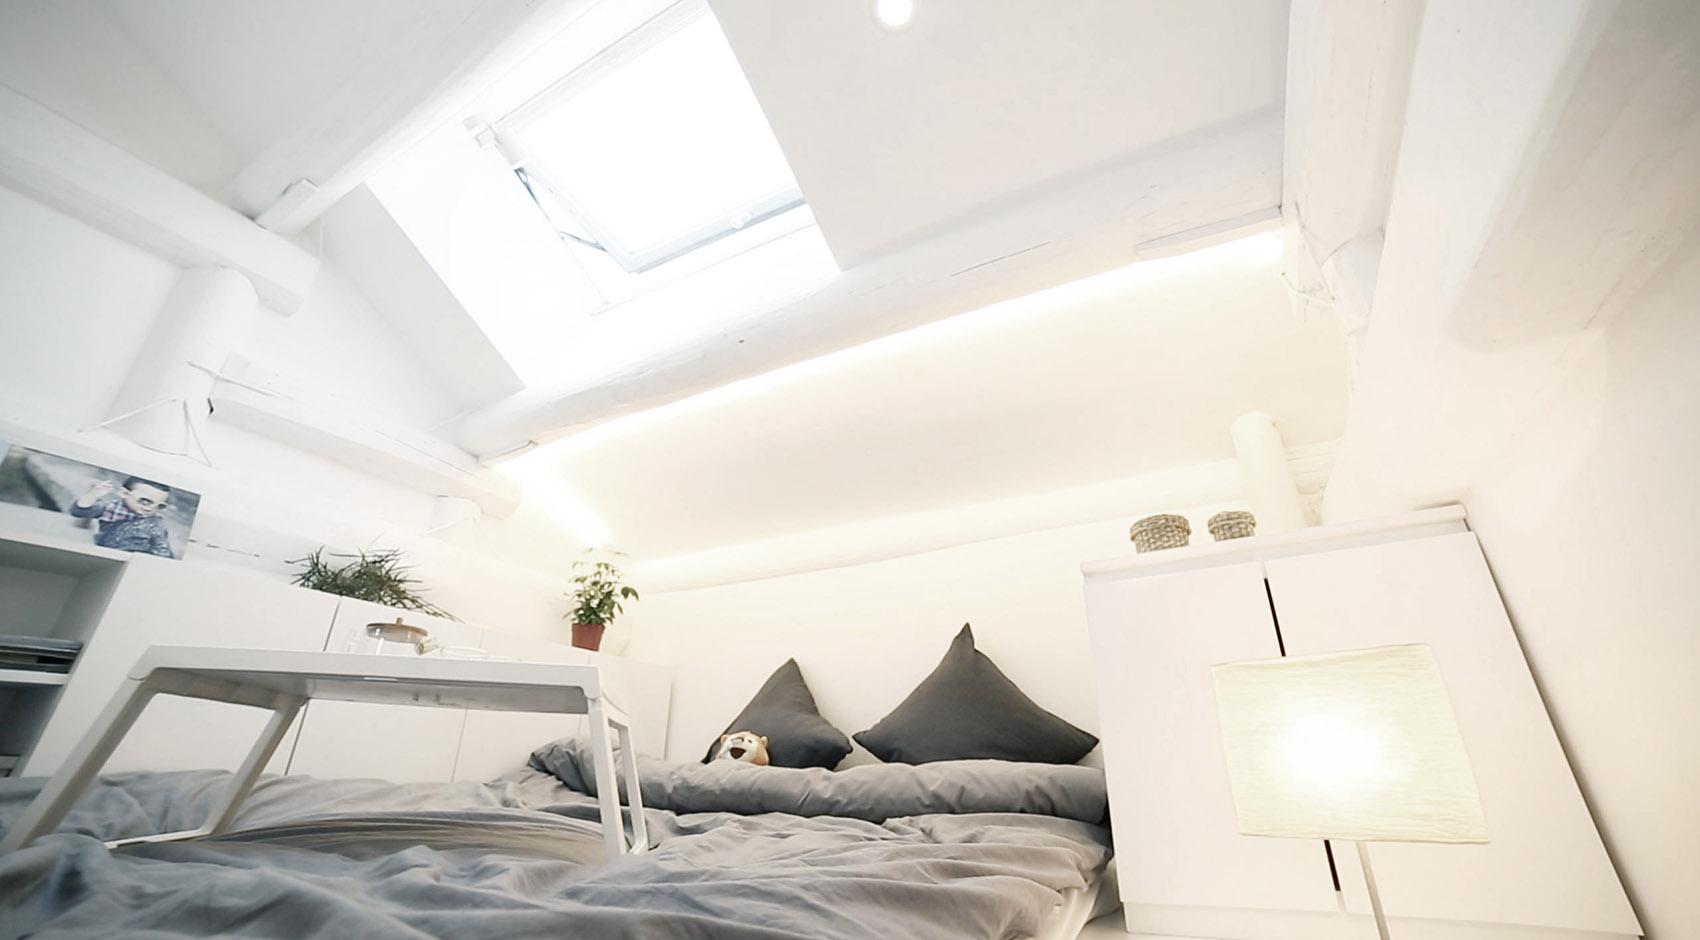 15-12sqm-dwelling-renovation